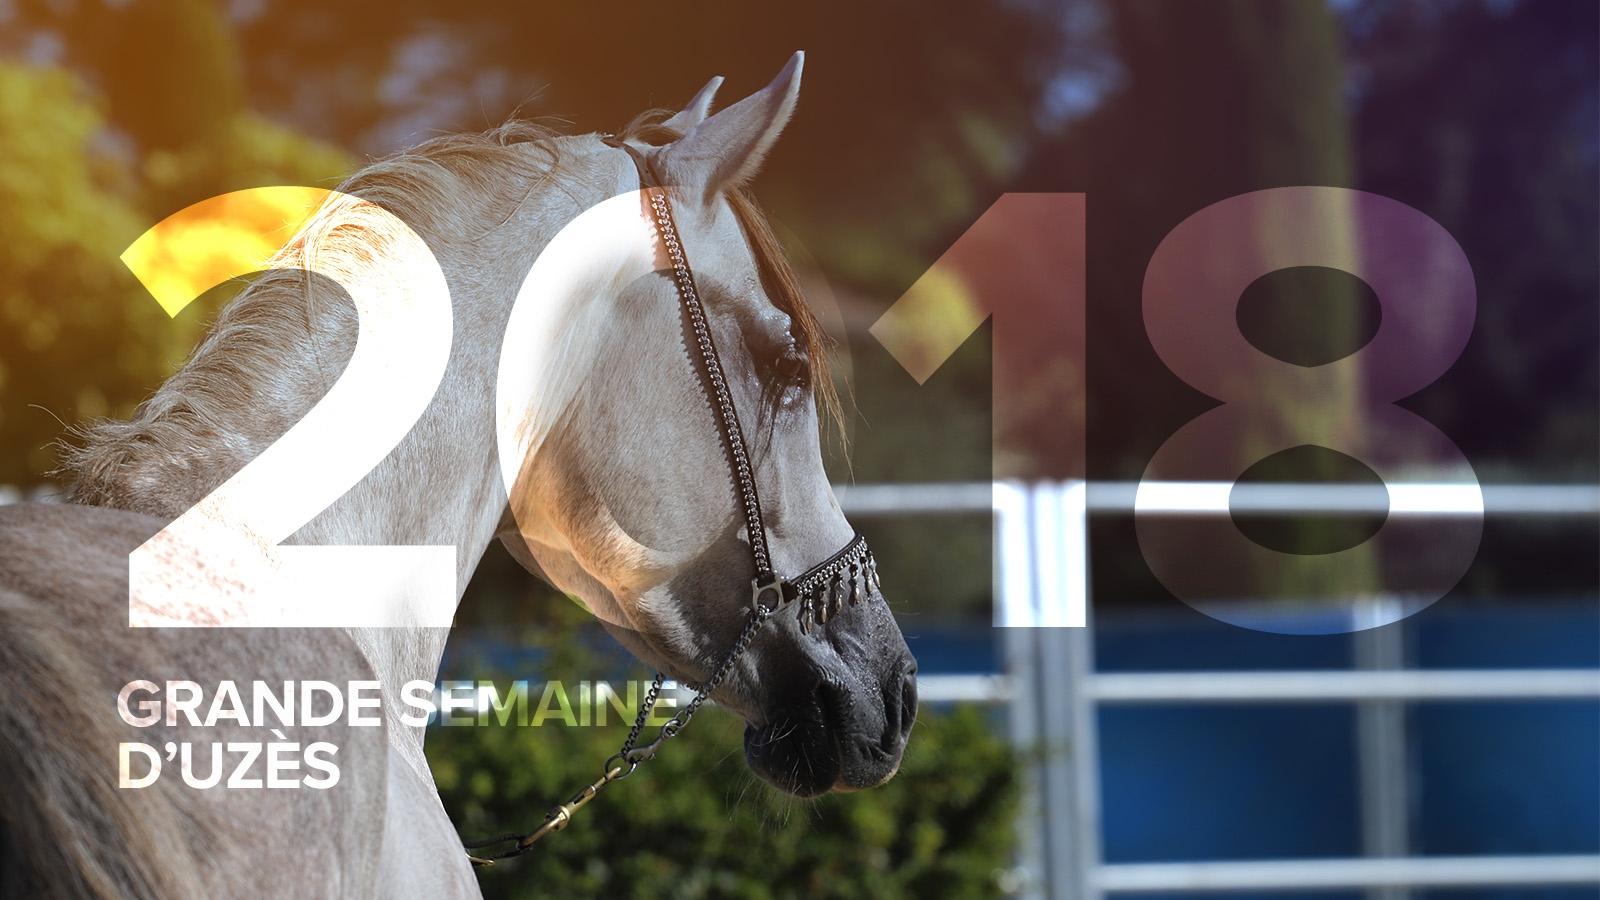 Grande Semaine d'Uzès 2018 : les dates